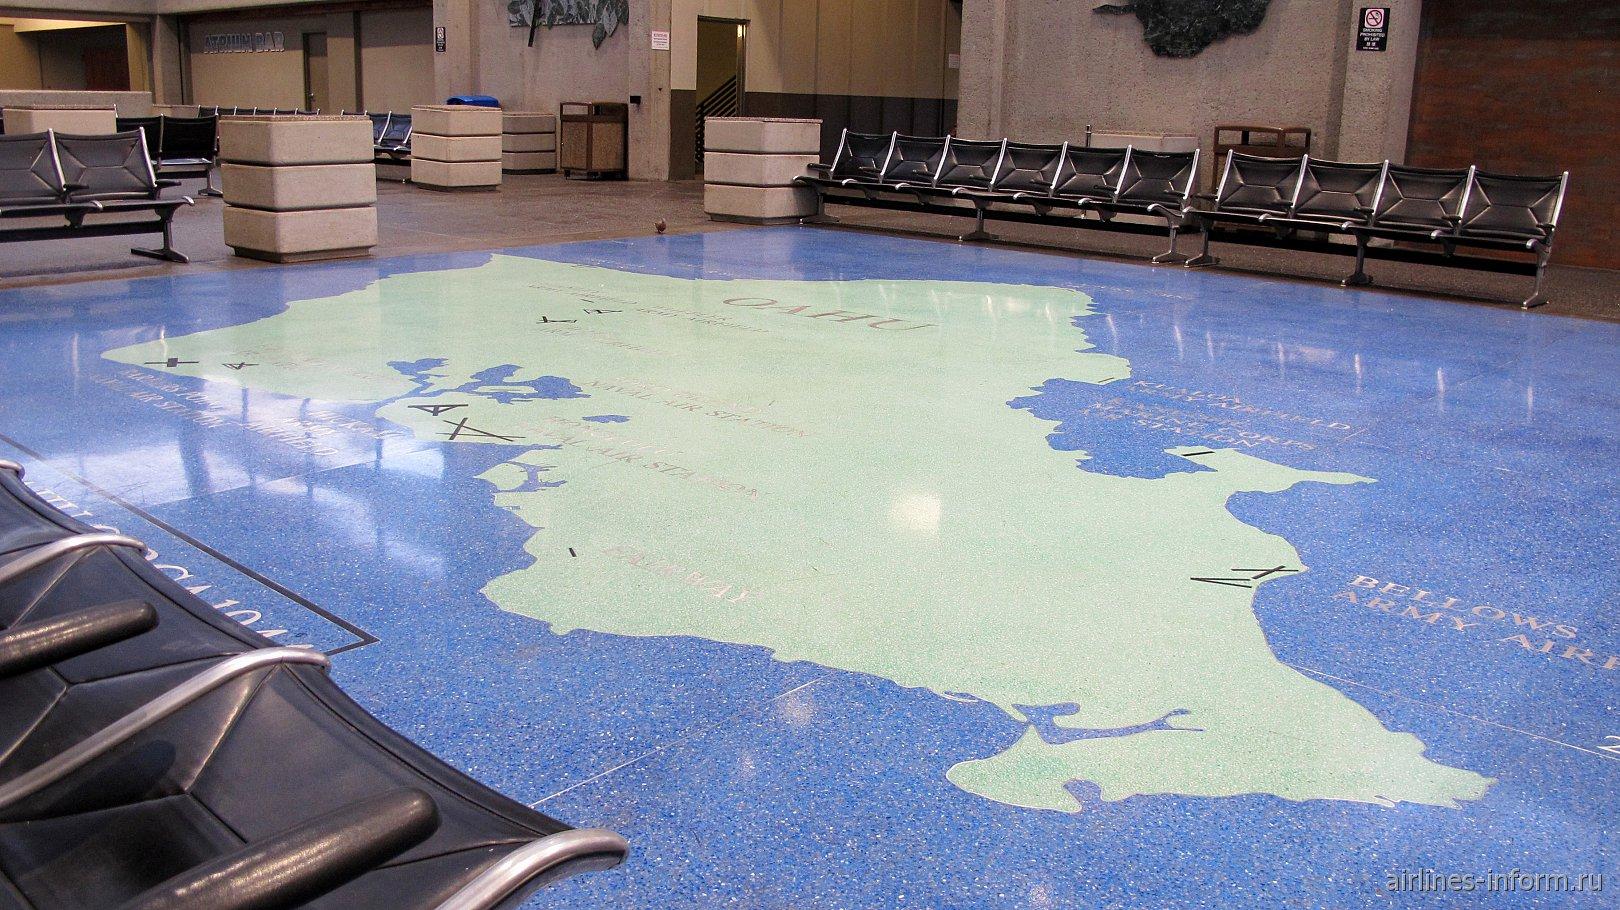 Карта острова Оаху на полу зала ожидания аэропорта Гонолулу